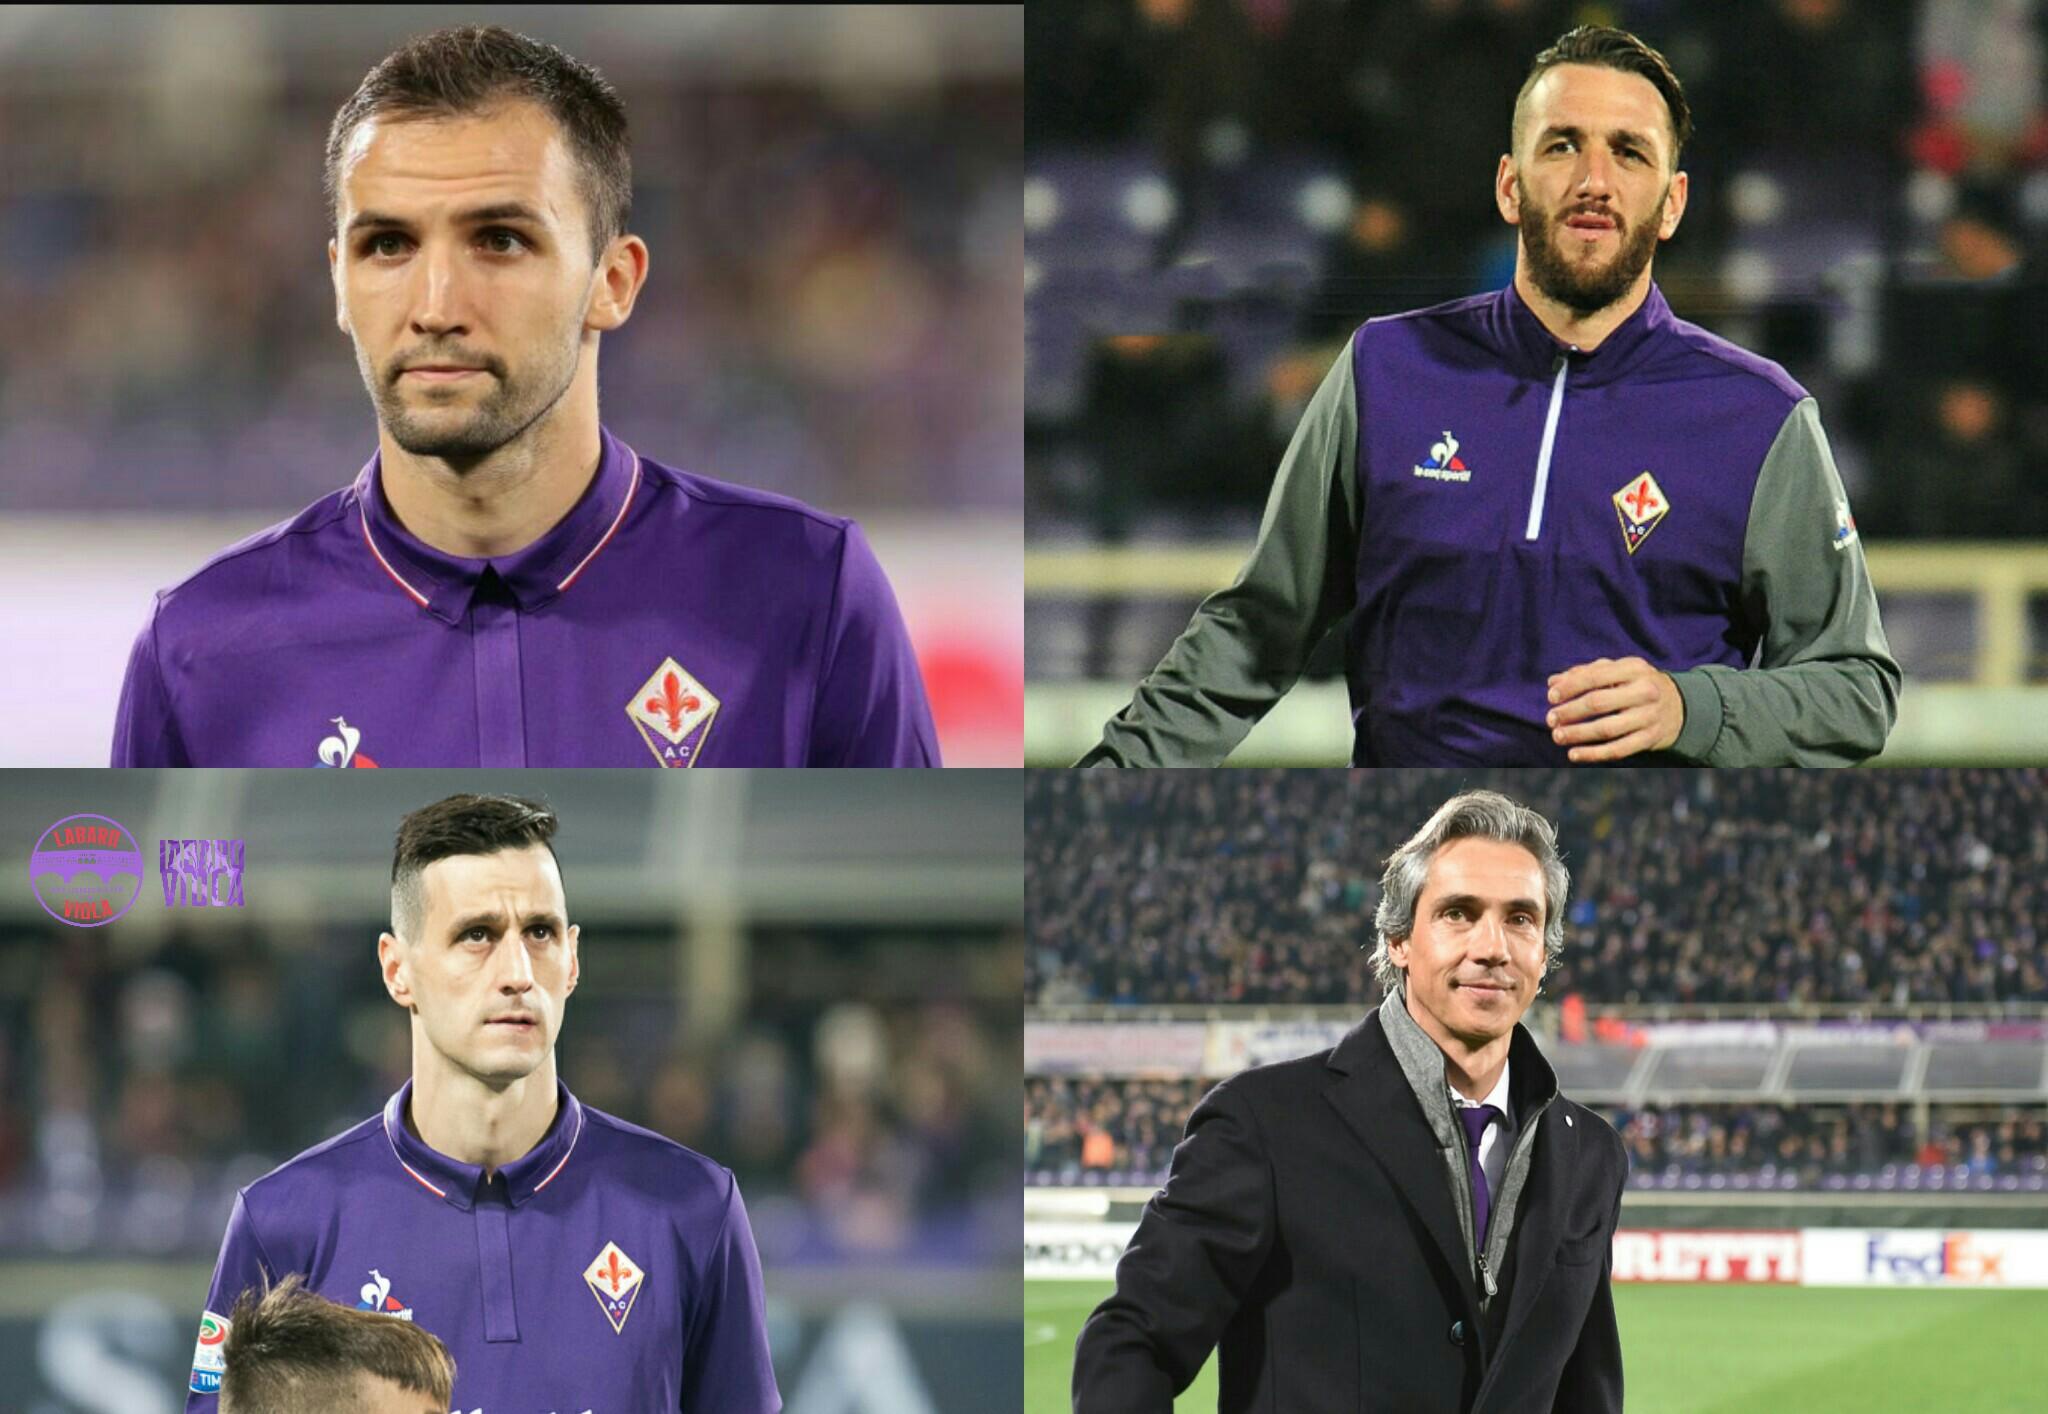 Il Borussia Dortmund vuole anche Gonzalo e Badelj. Ecco quanto potrebbe arrivare nelle casse viola